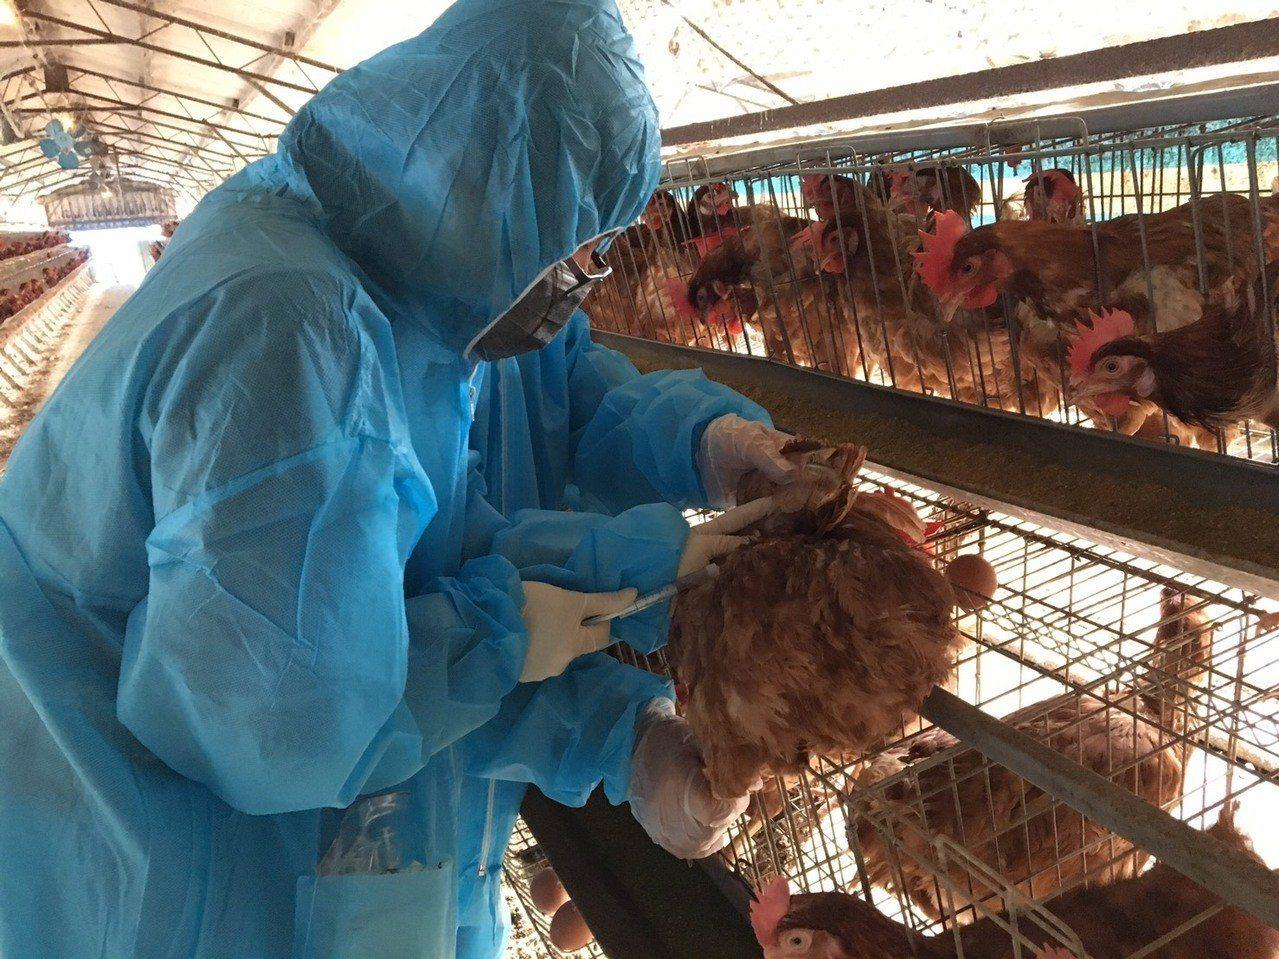 台南市動保處提醒飼養土雞業者,儘量縮短出雞時間,避免因出雞次數頻繁而增加染病風險...